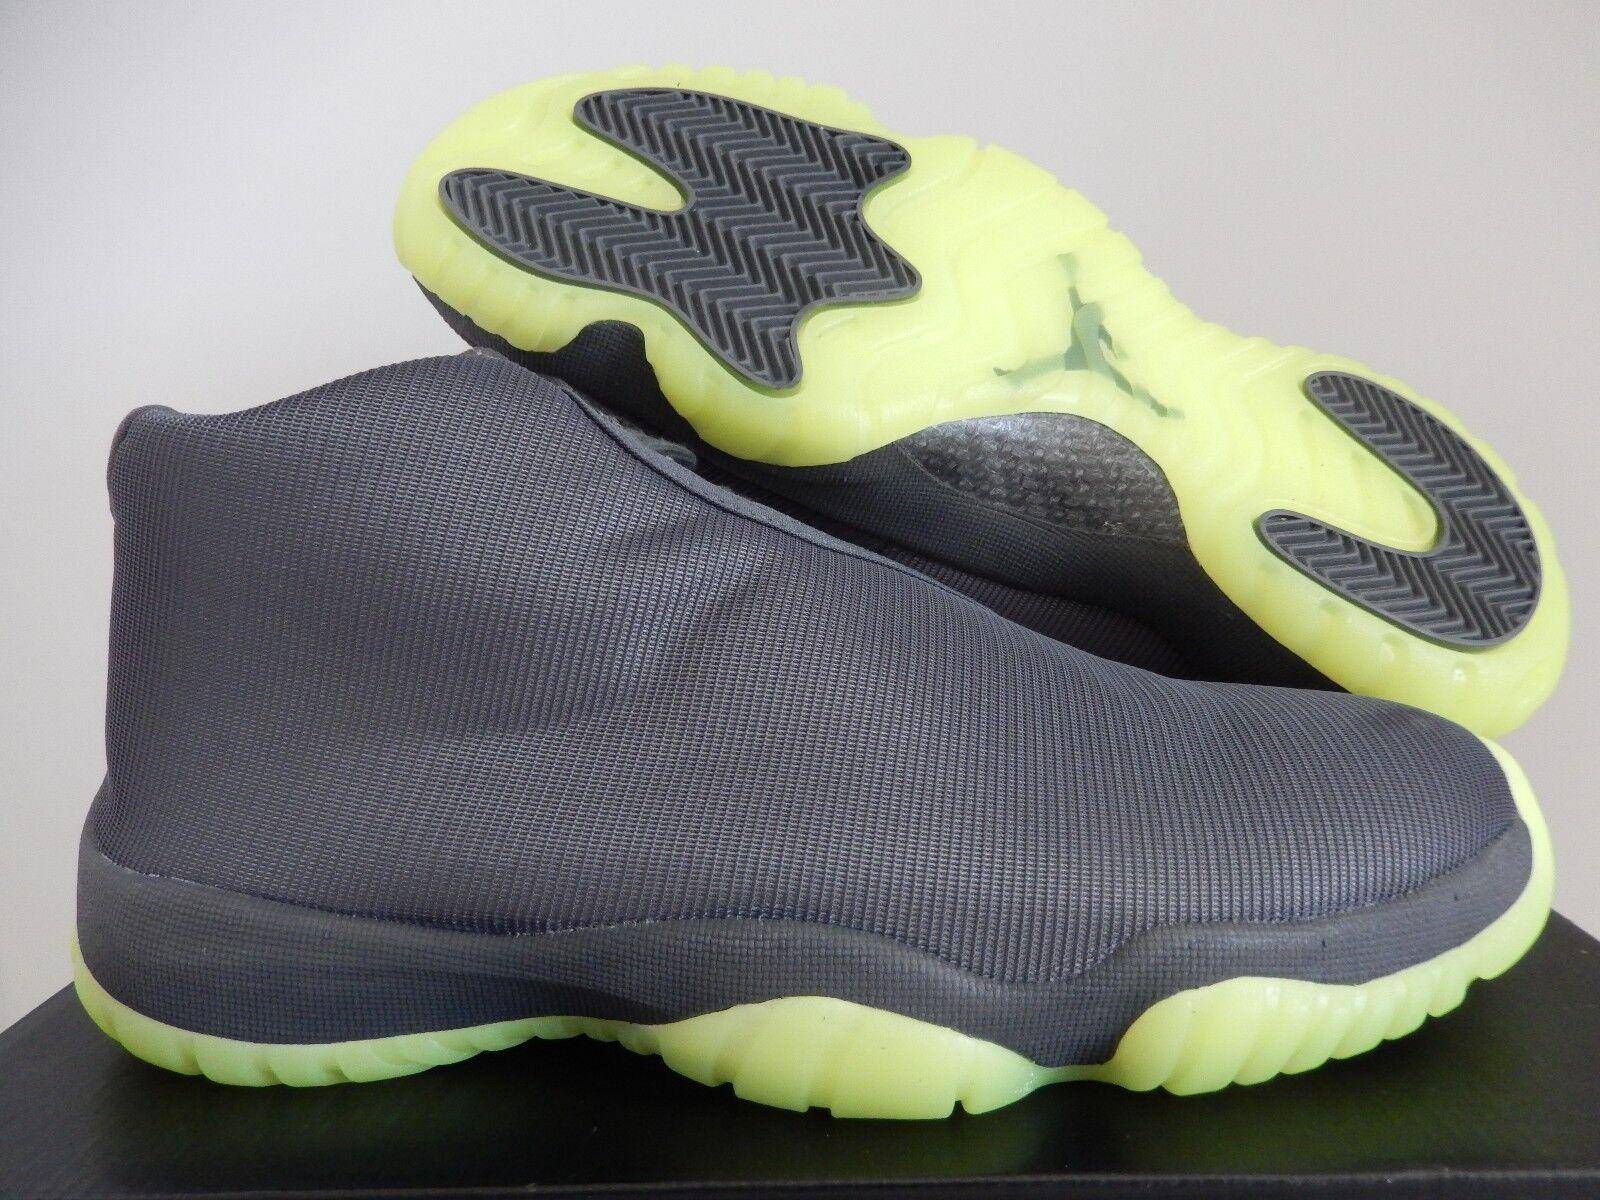 Nike air jordan futuro footscape buio grey-dark grey-dark grey-dark grey-volt sz 11 [656503-025] 61cac4